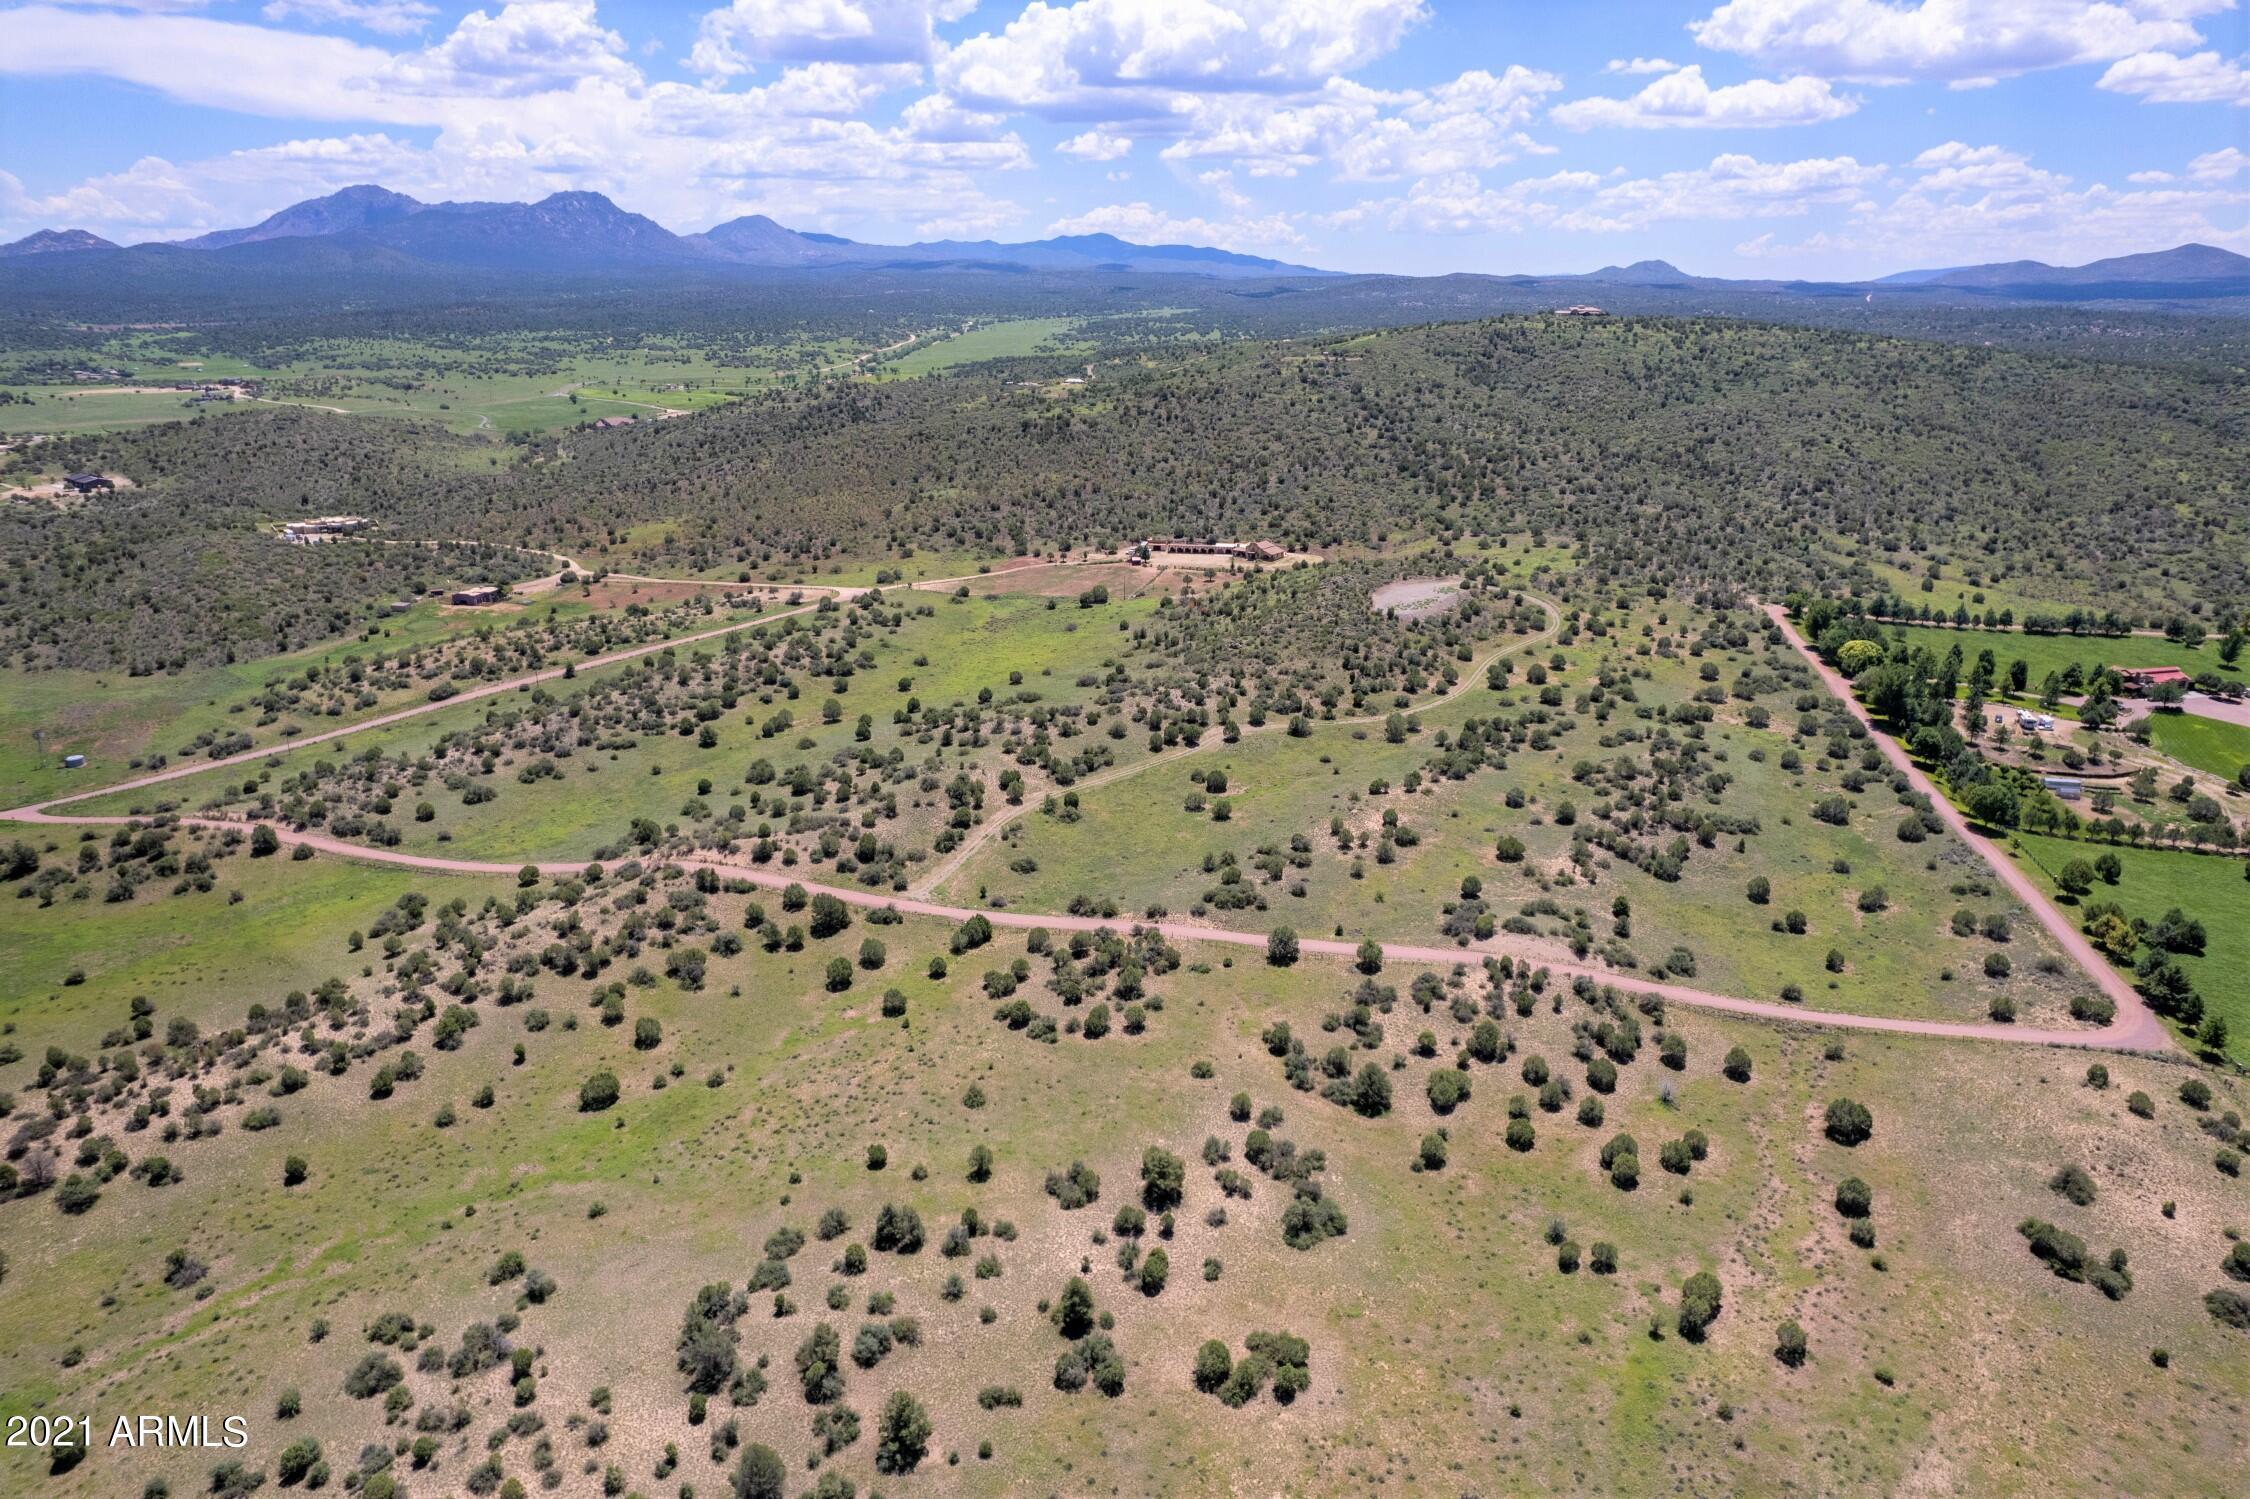 0 W Long Meadow Drive # 34, Prescott, AZ 86305, ,Land,For Sale,0 W Long Meadow Drive # 34,6076136